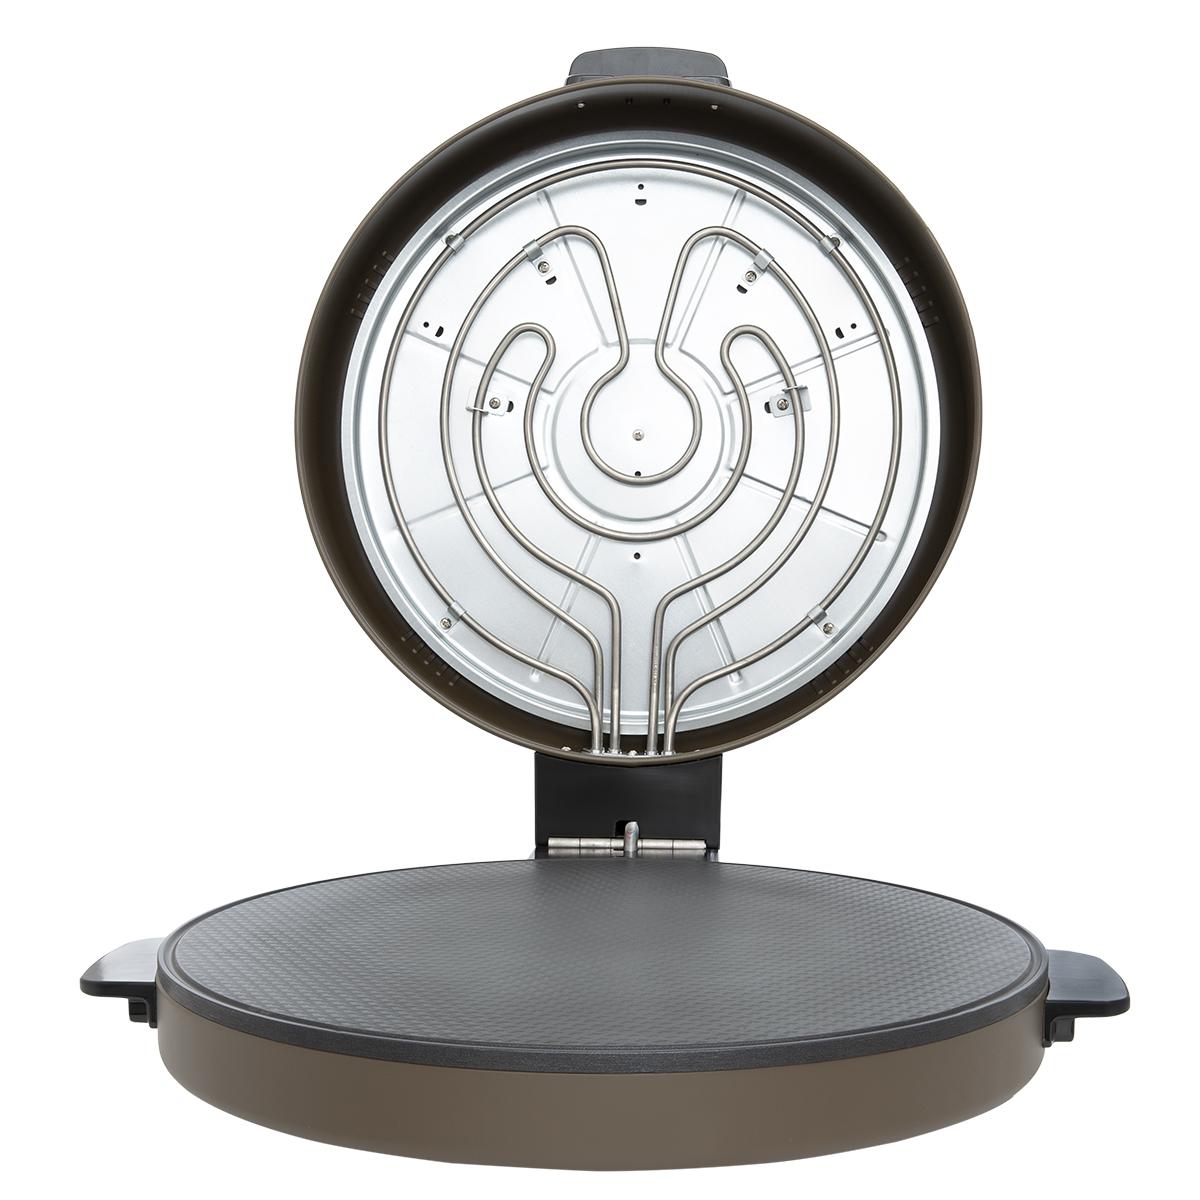 إديسون الخبازة المنزلية جامبو بني 2600 واط